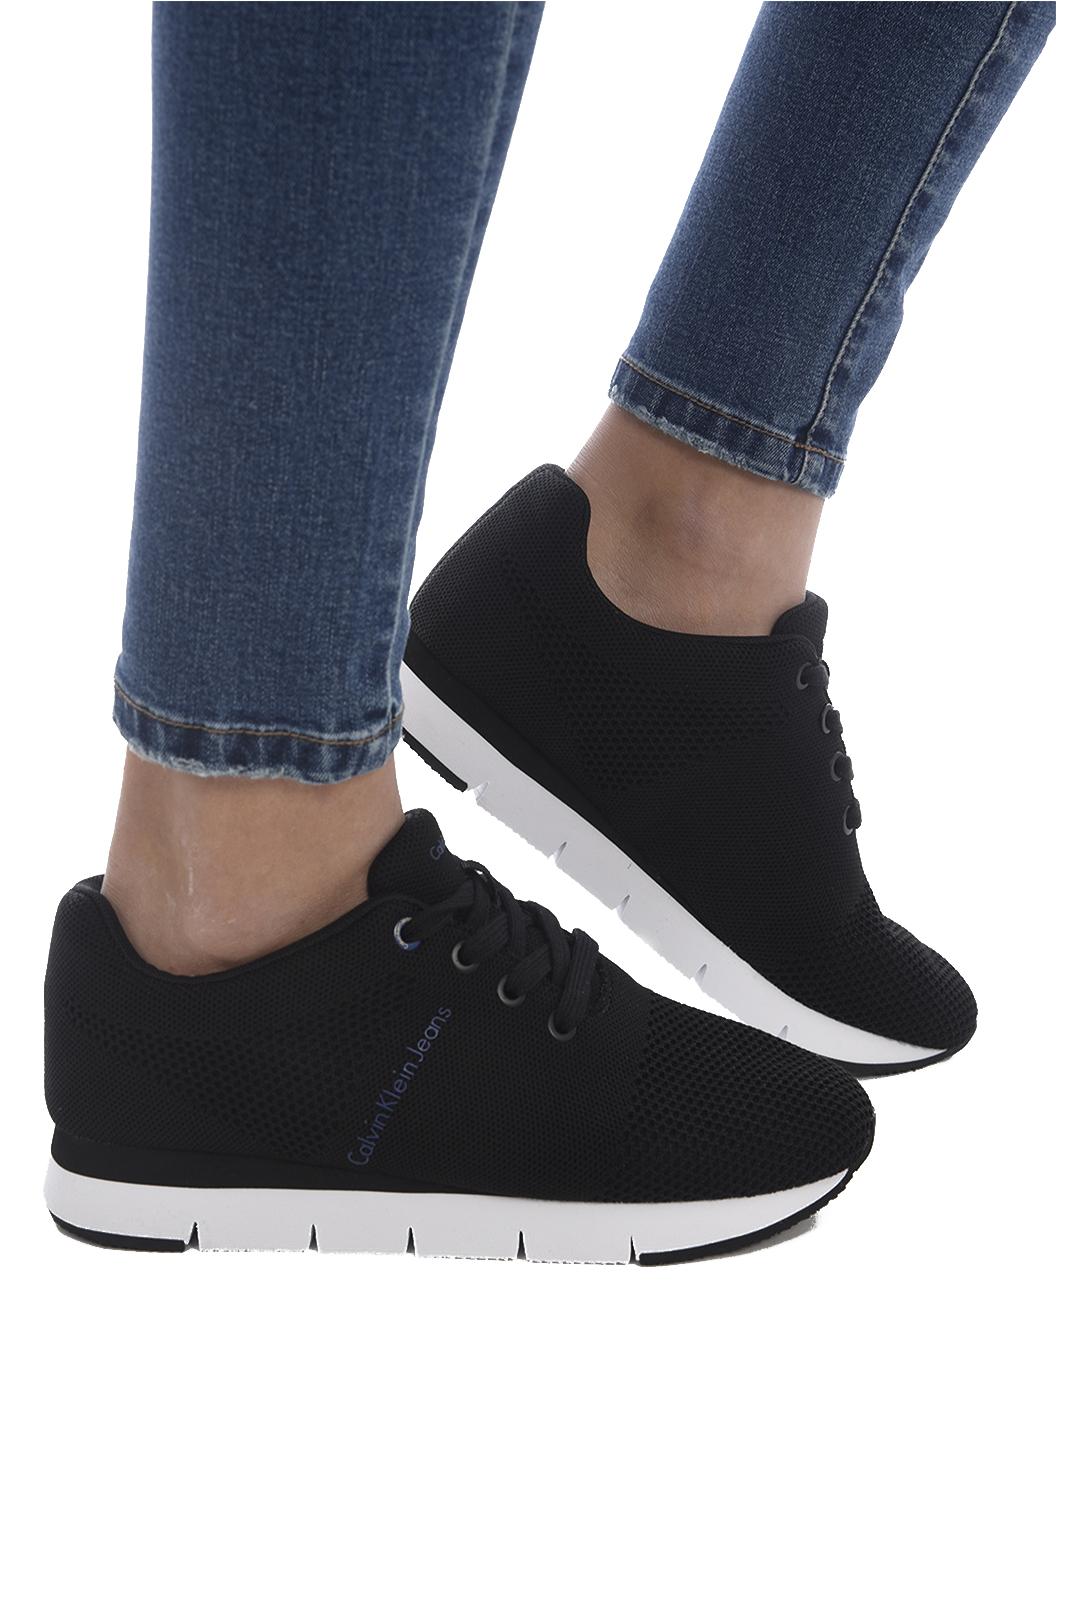 Baskets / Sneakers  Calvin klein TADA NOIR